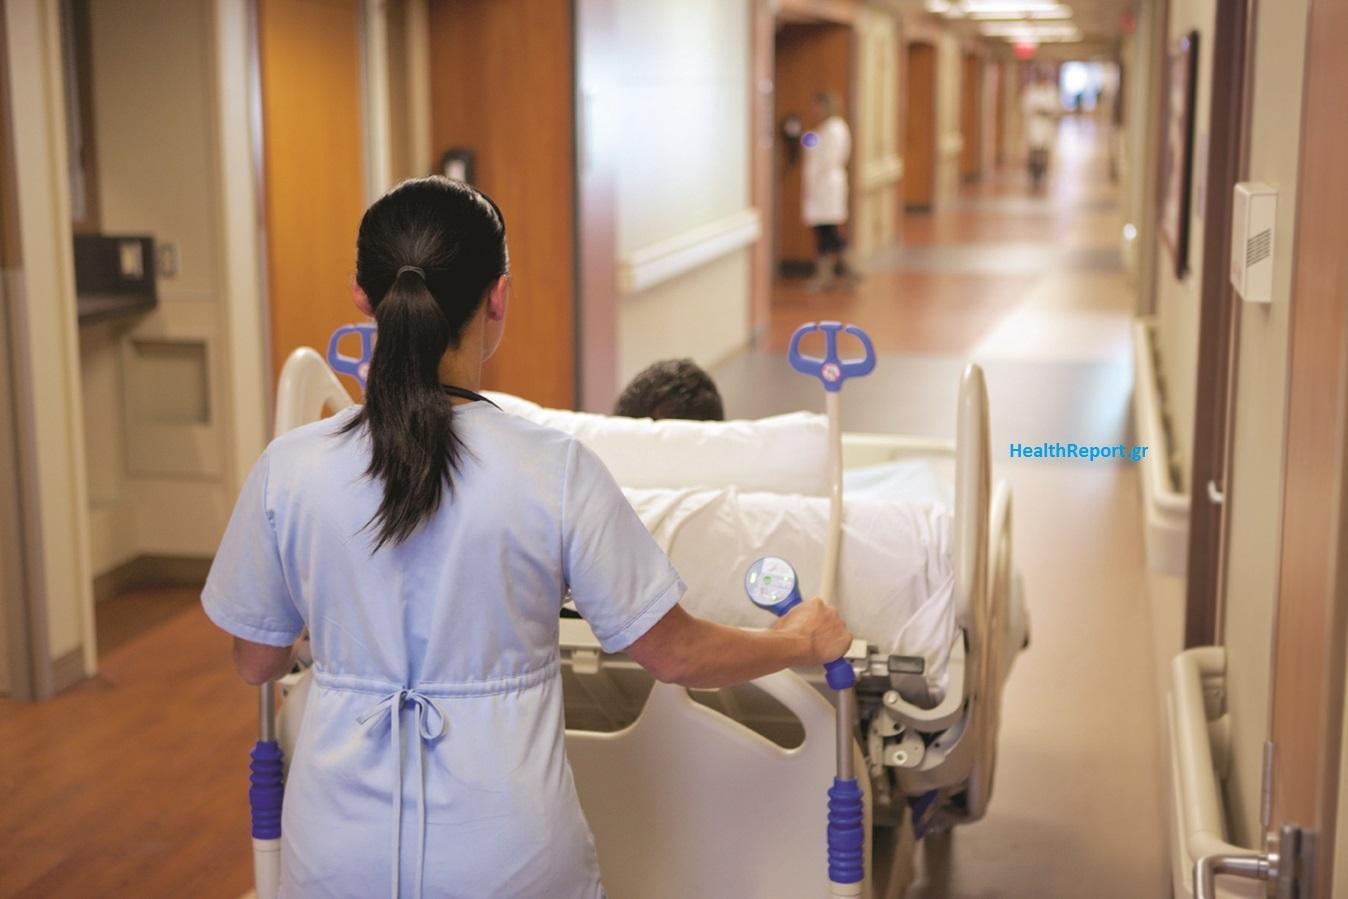 Έρχονται νέα μέτρα του ΕΟΠΥΥ για ιδιωτικές κλινικές που υπερχρεώνουν τους ασθενείς!